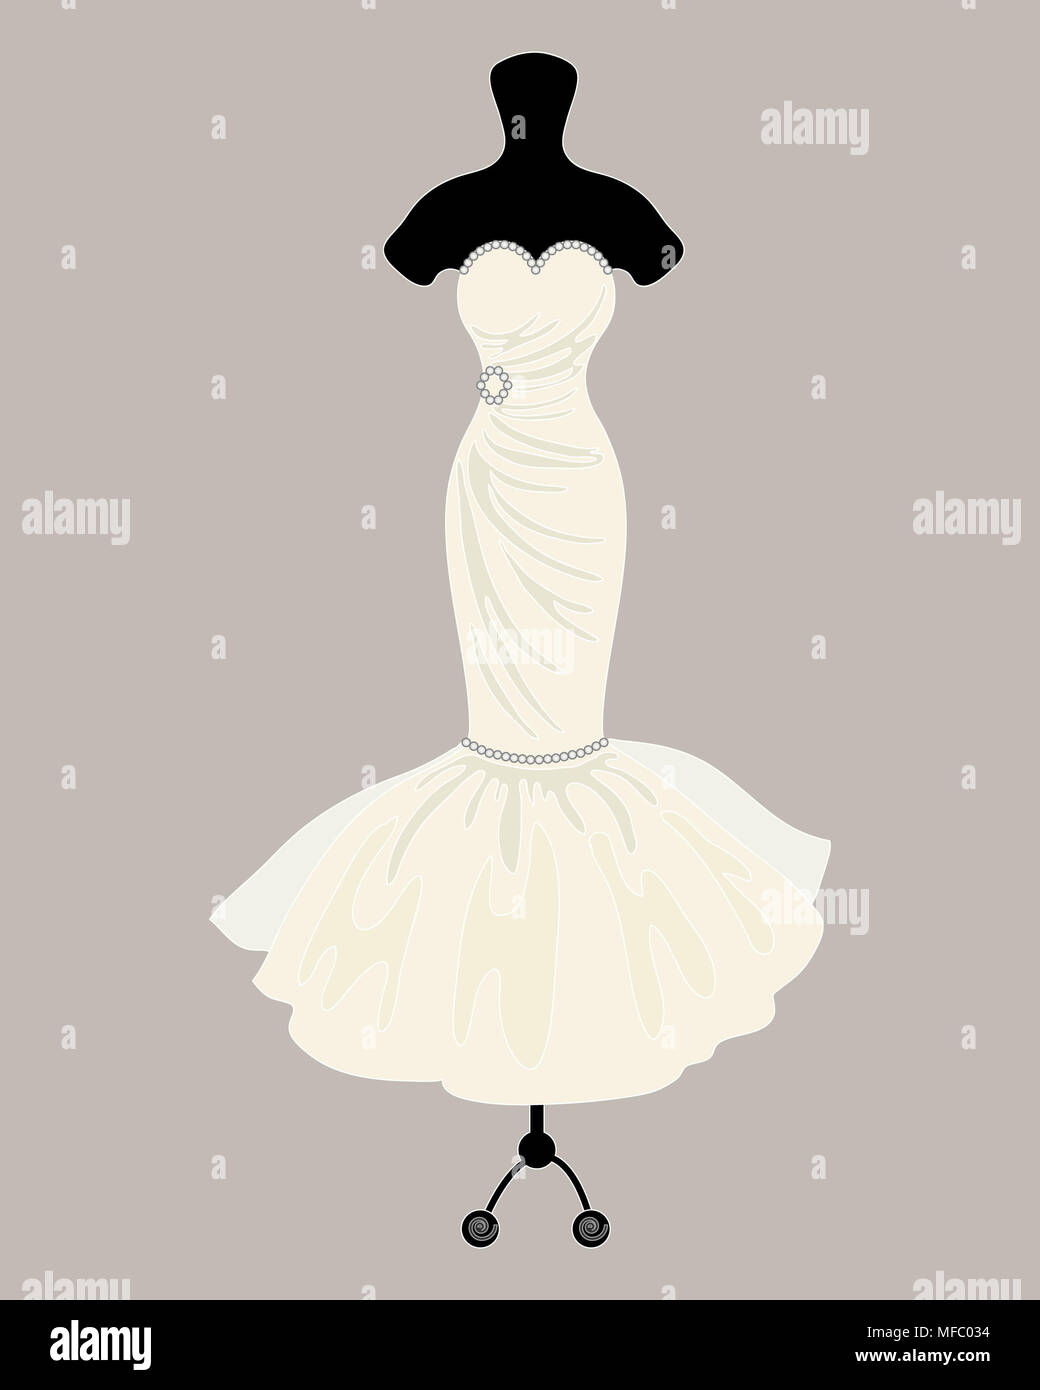 Una illustrazione di un designer di Bellissimo abito da sposa in stile Mermaid su un negozio sarti ciuccio con sfondo grigio Immagini Stock